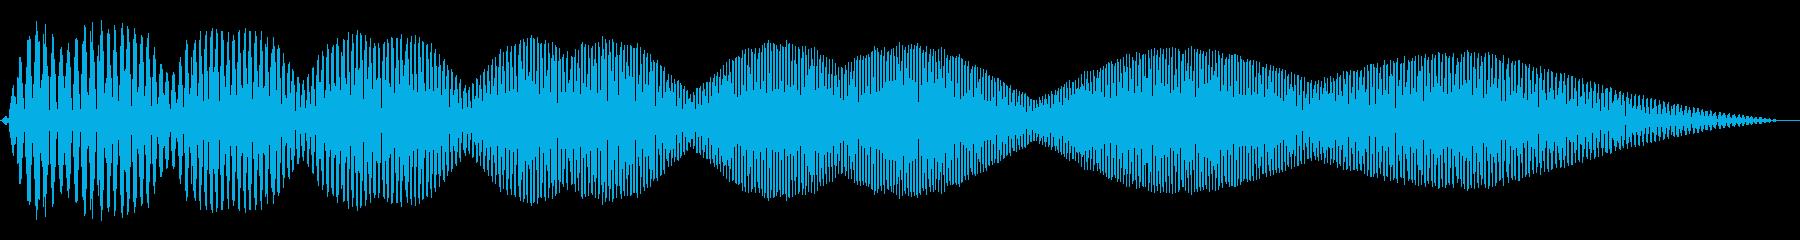 電動スワイプ1の再生済みの波形